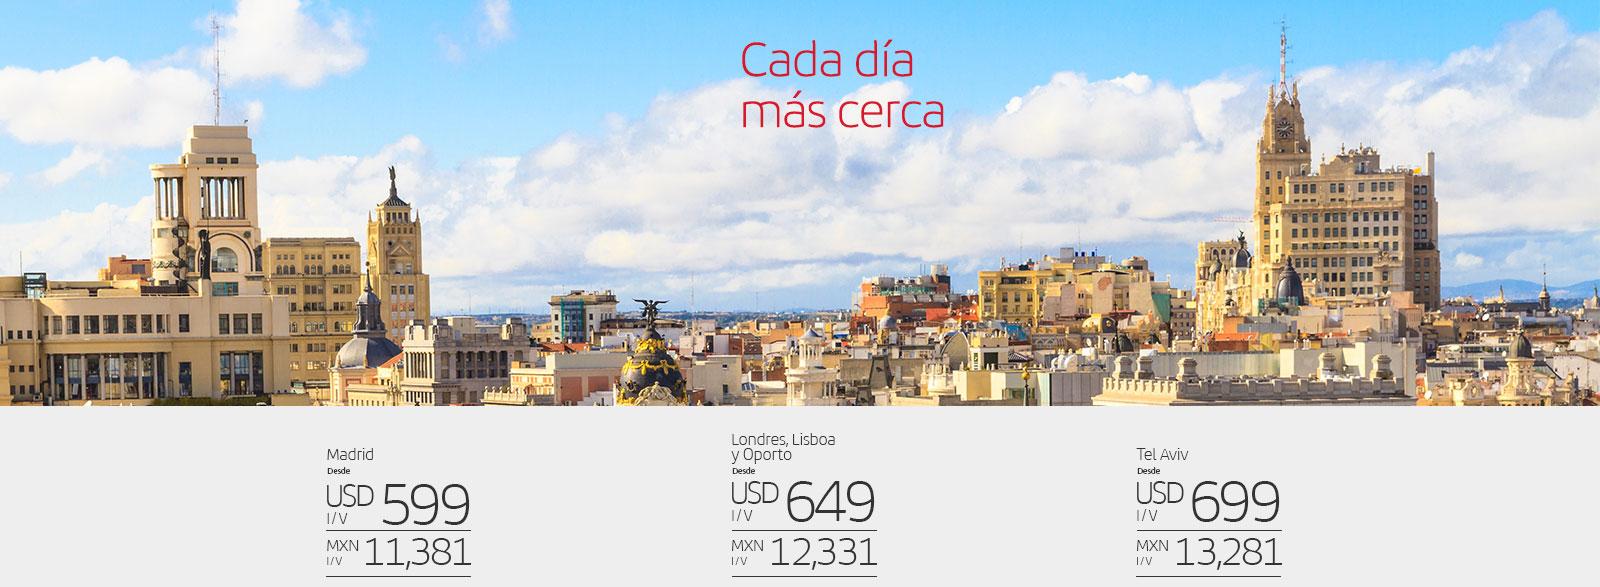 Iberia: Vuelos en Iberia a Madrid y otros destinos